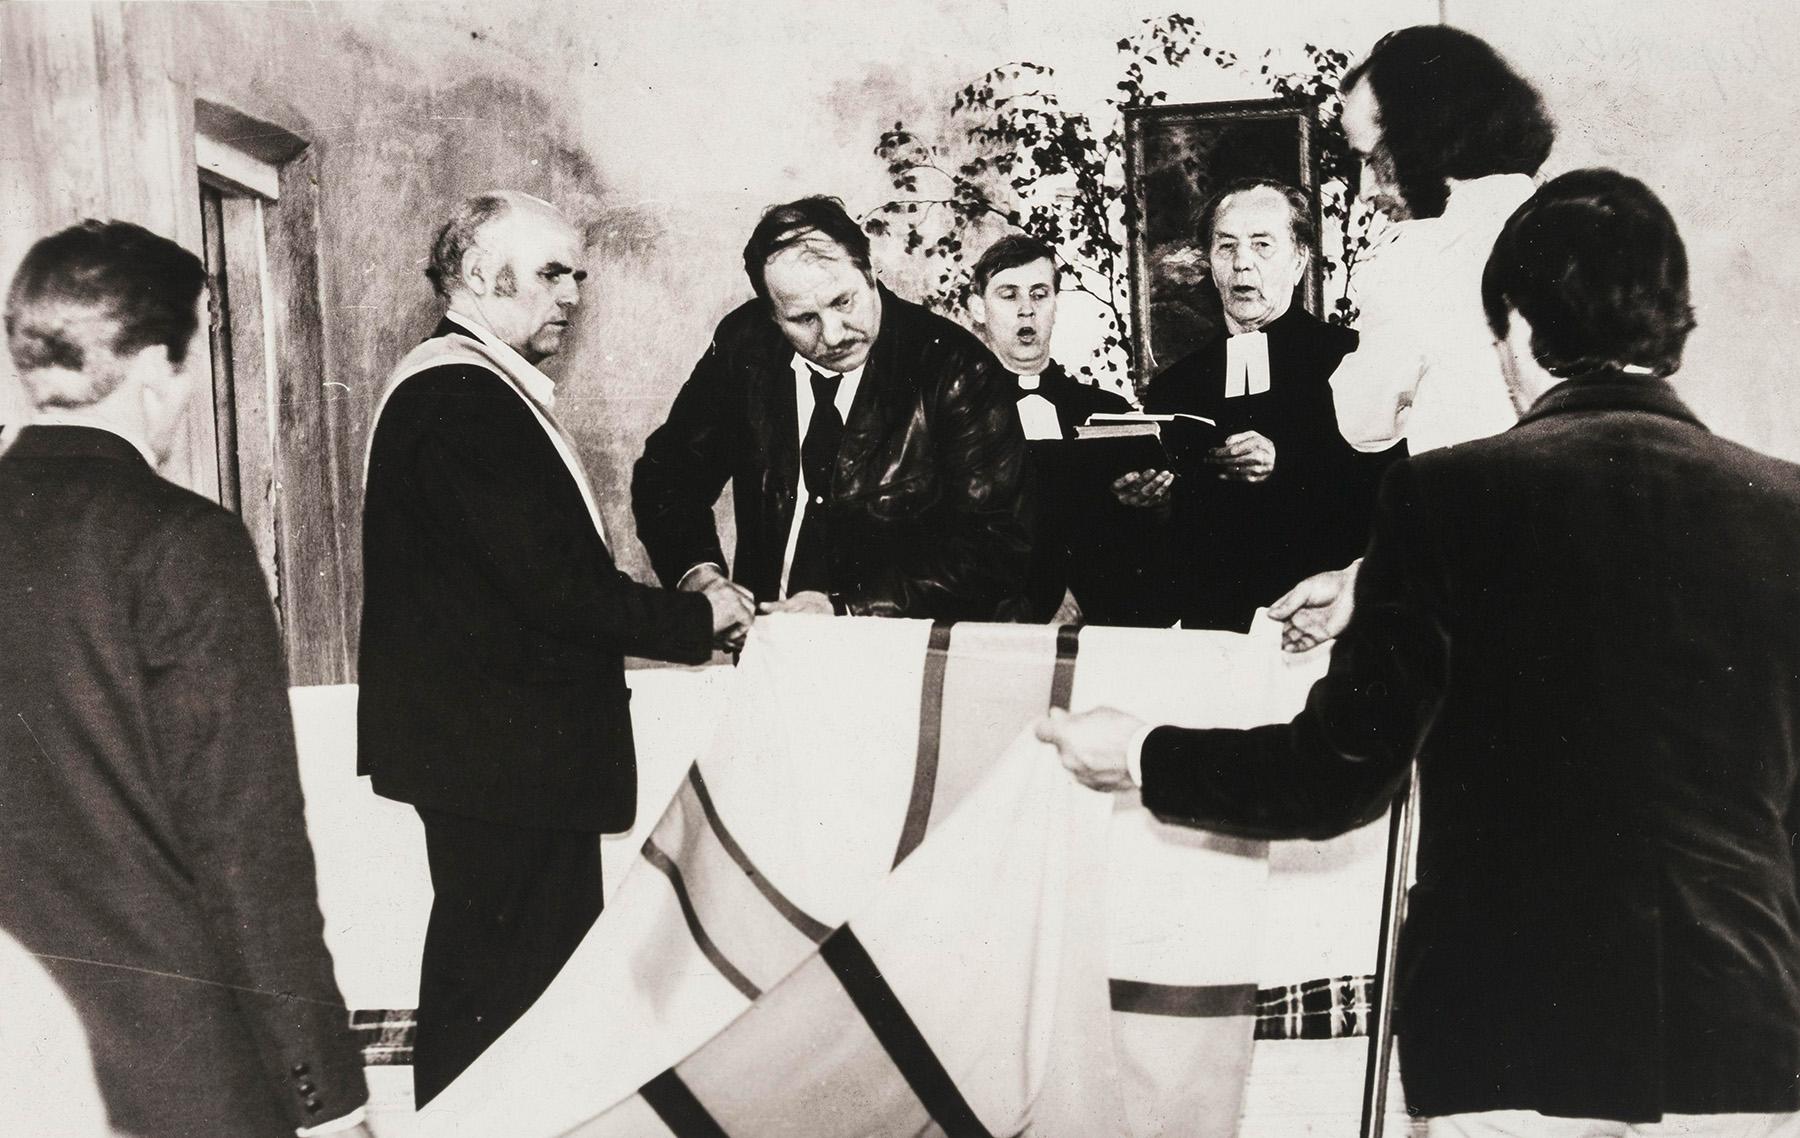 Inkerin lipun vihkiminen Kupanitsan kirkossa vuonna 1989. SKS KIA, Albert Kirjasen arkisto. CC BY 4.0